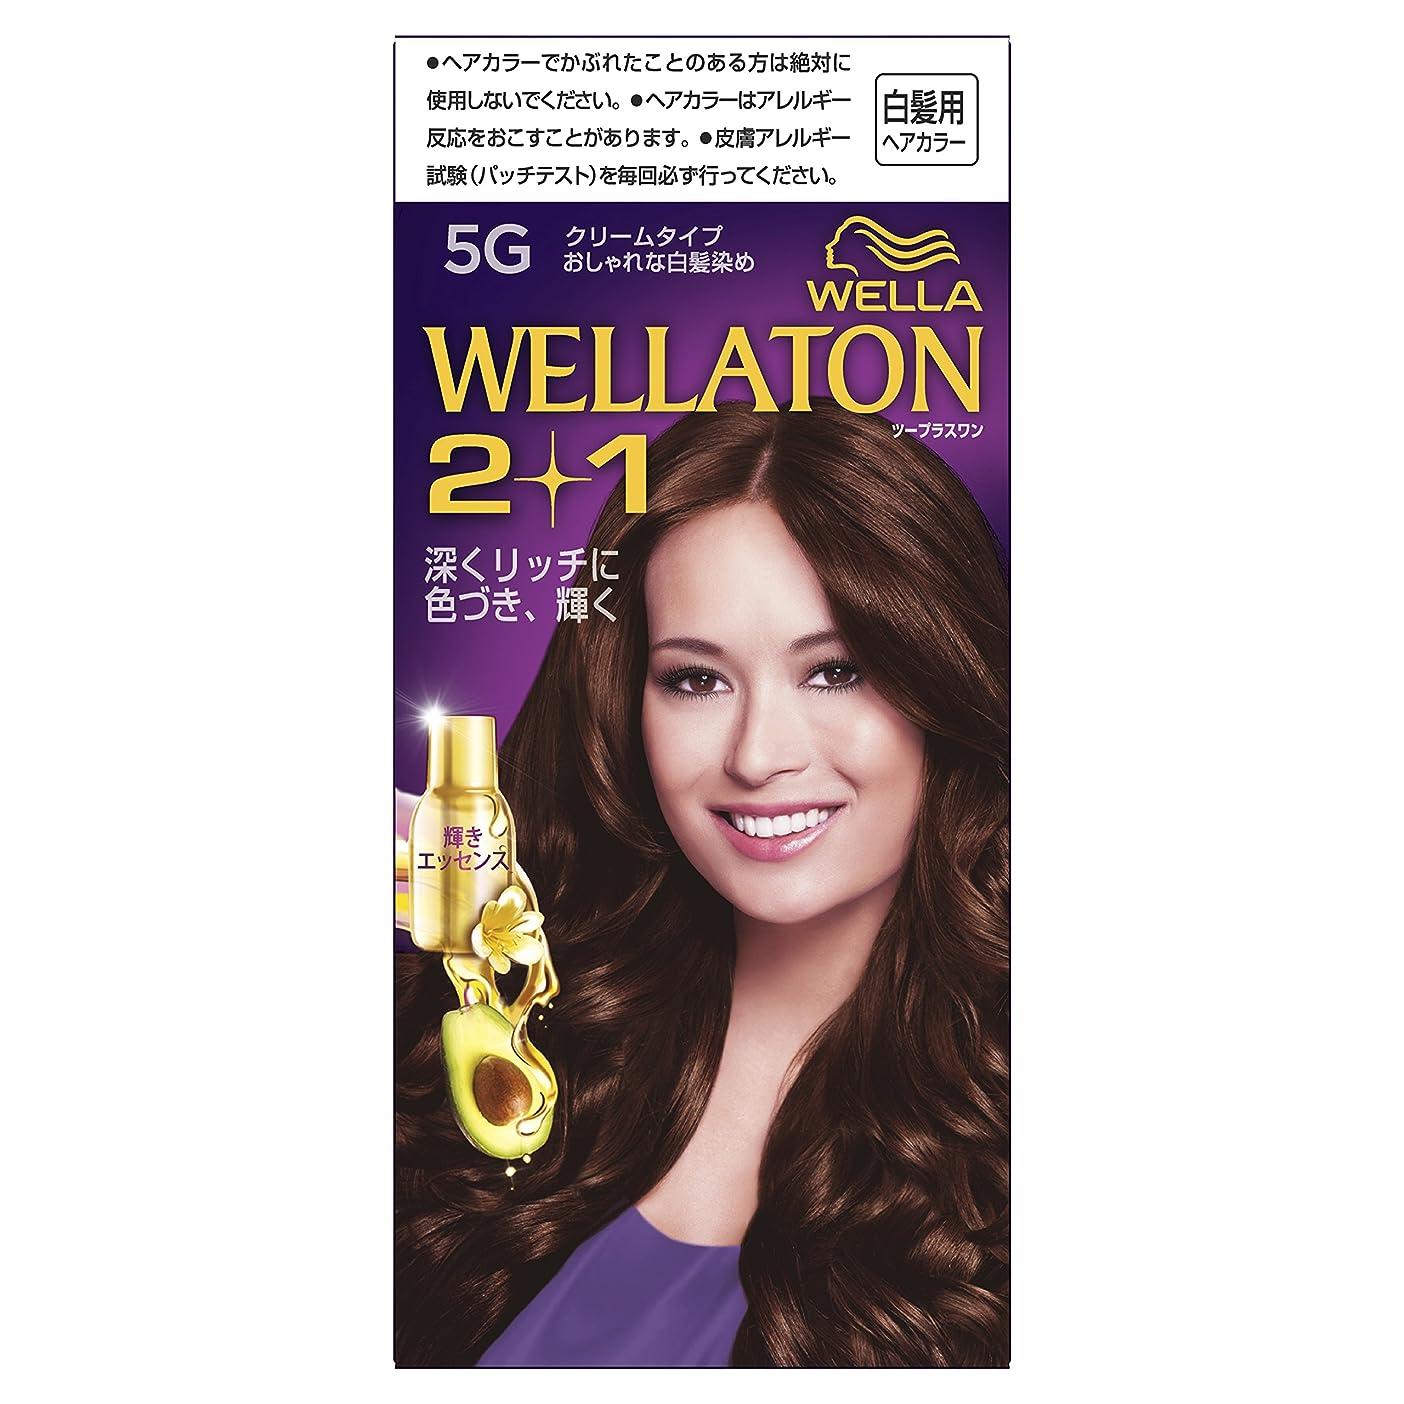 プロフィールビジネス盟主ウエラトーン2+1 クリームタイプ 5G [医薬部外品](おしゃれな白髪染め)